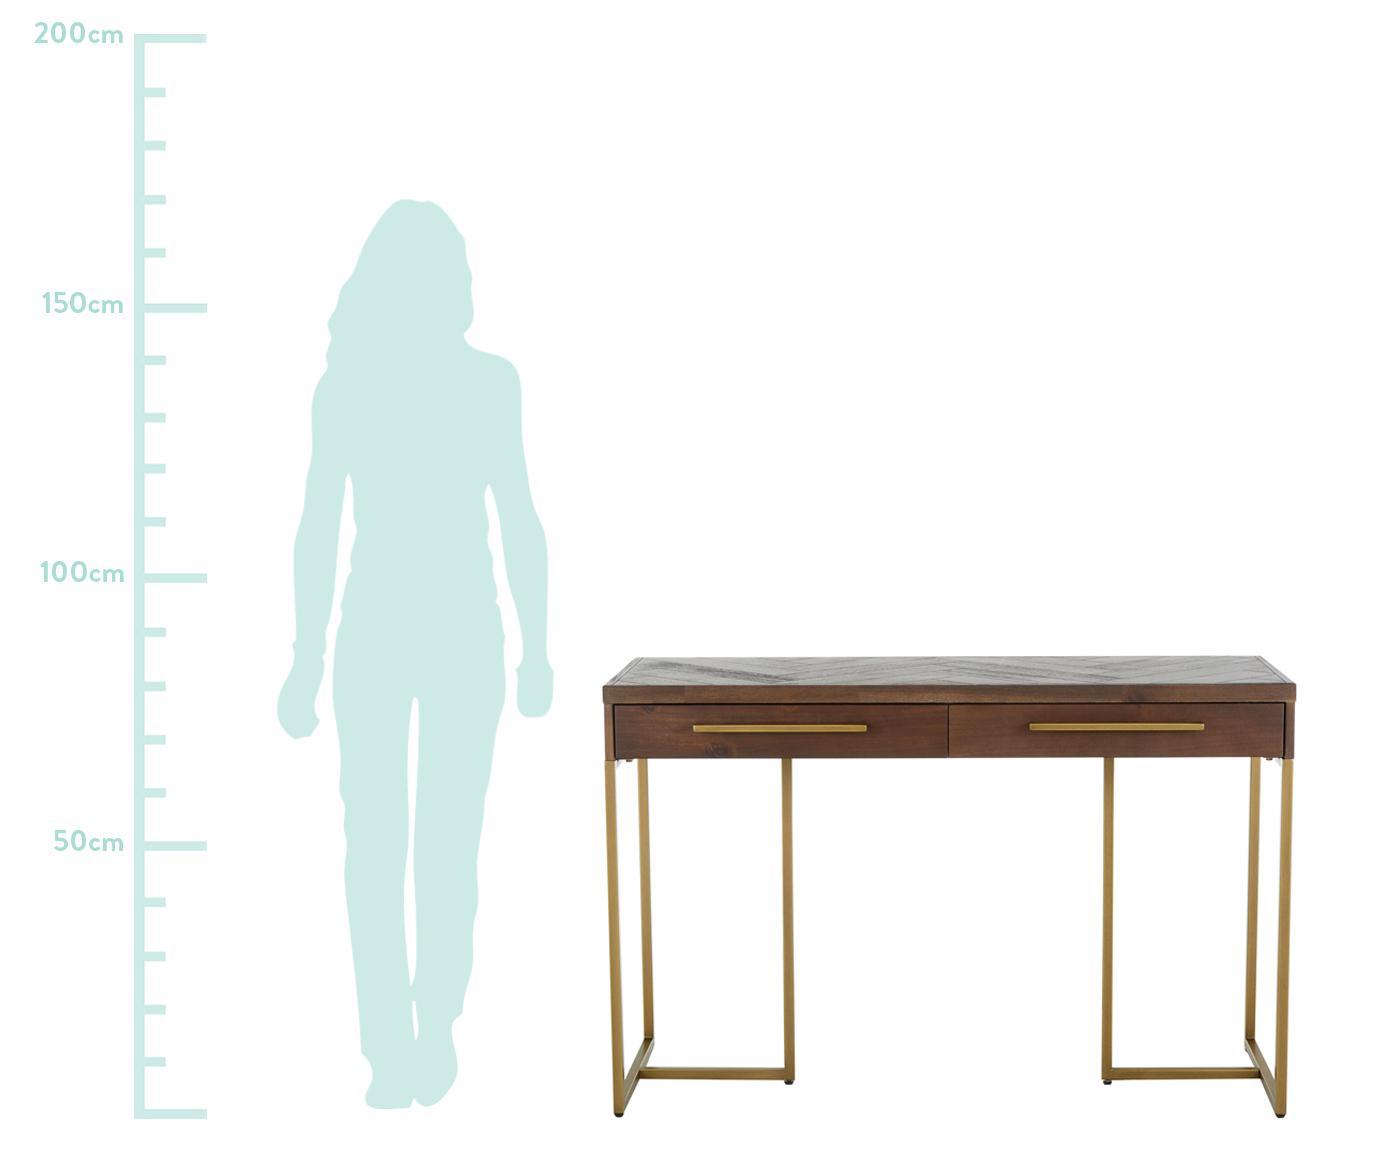 Konsola w jodełkę Class, Korpus: średniej gęstości płyta p, Drewno akacjowe, odcienie mosiądzu, S 120 x G 80 cm